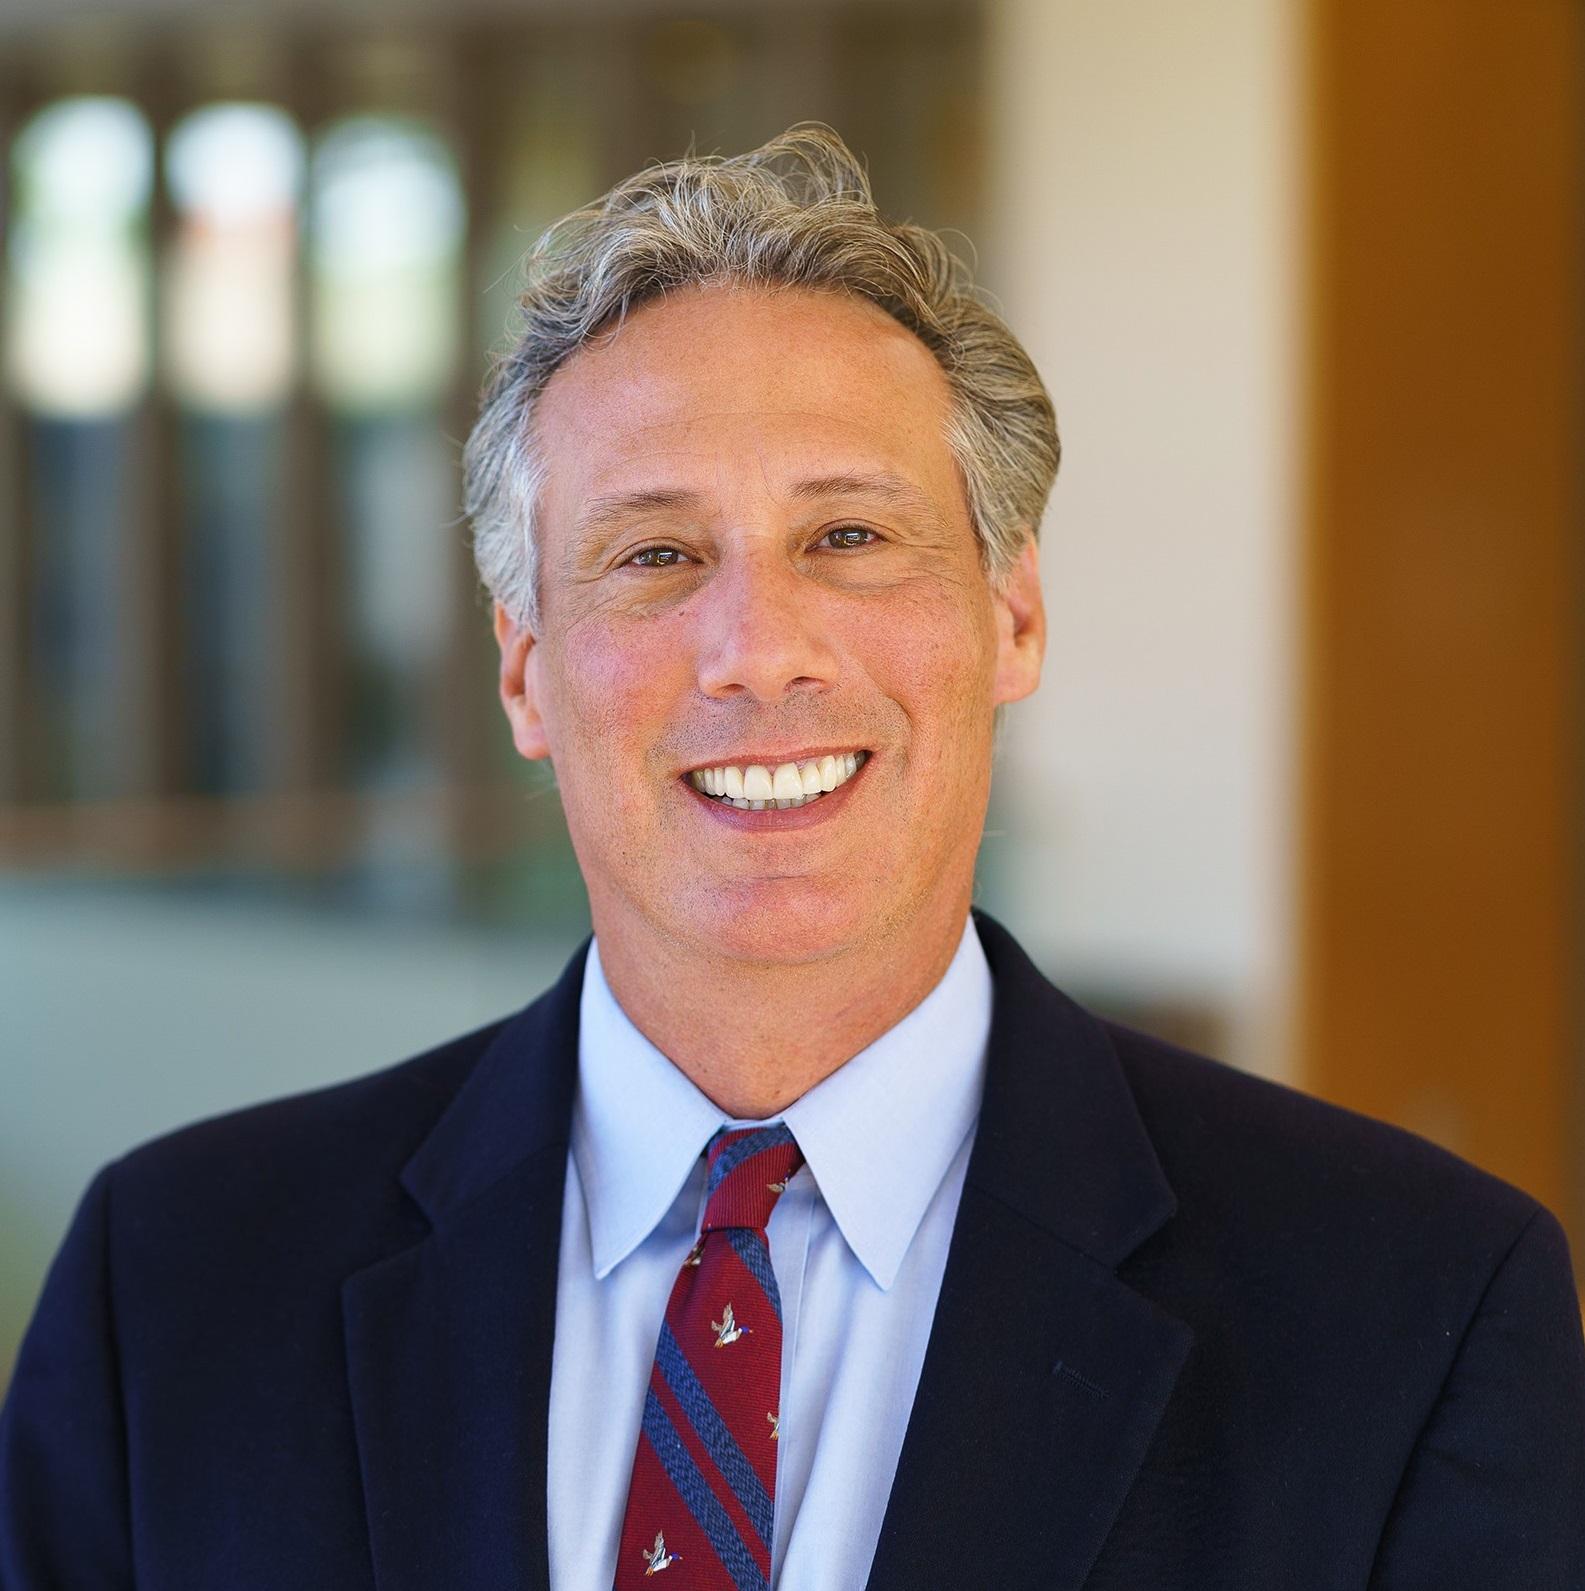 David Caldarella, podiatrist at St. Elizabeth's Medical Center in Boston